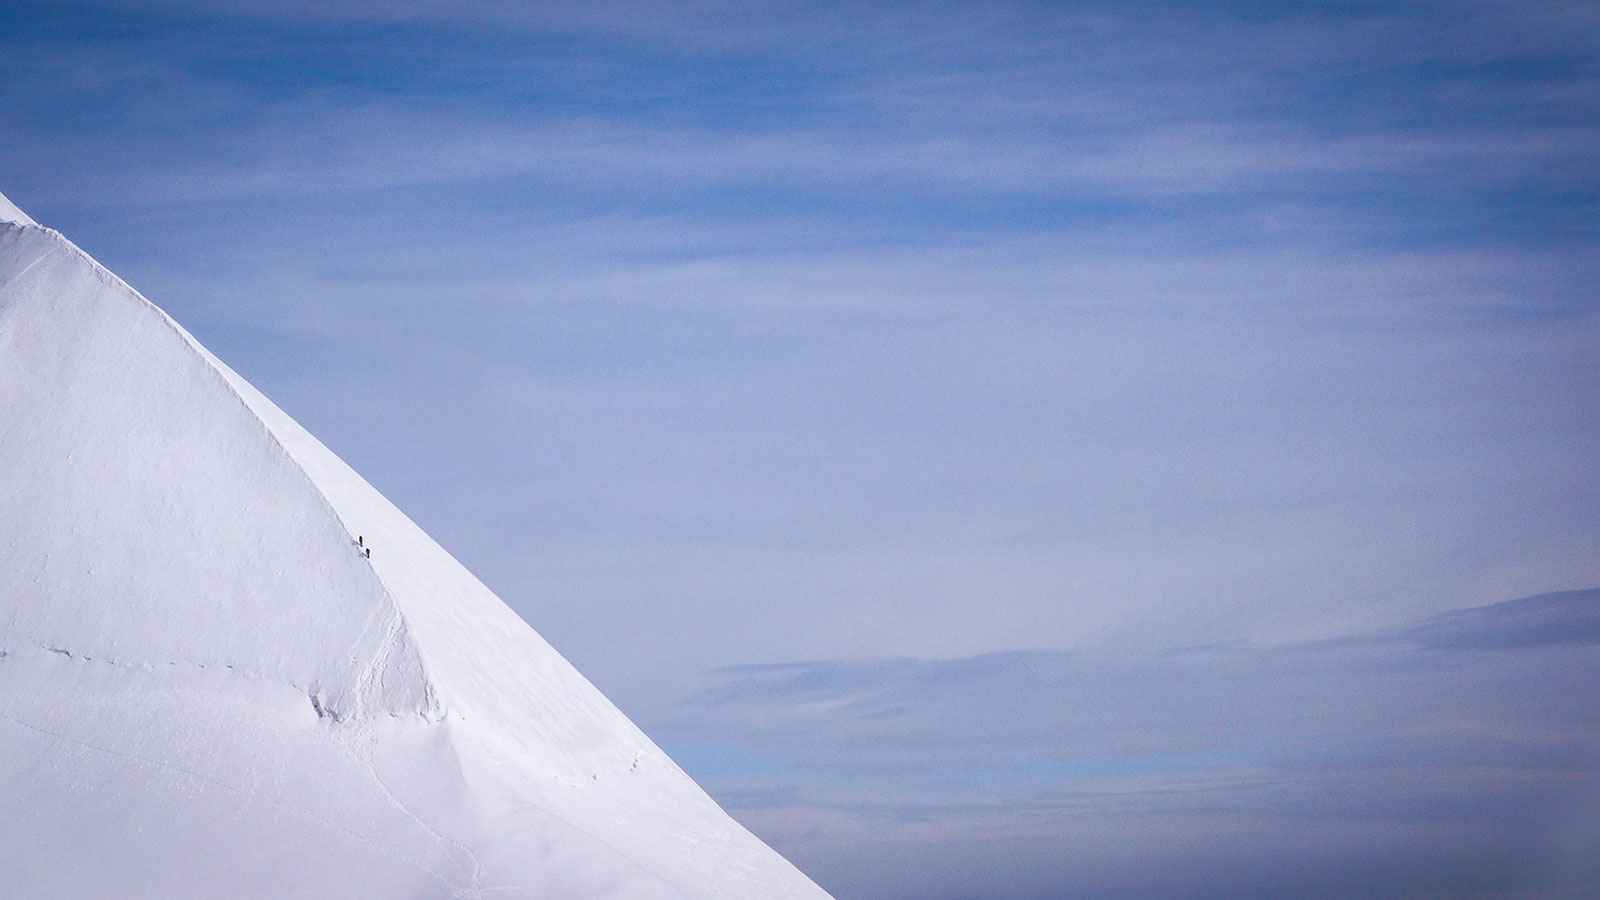 Eisschneide. Bergsteigen Lyskamm | Pauli Trenkwalder, Berge & Psychologie